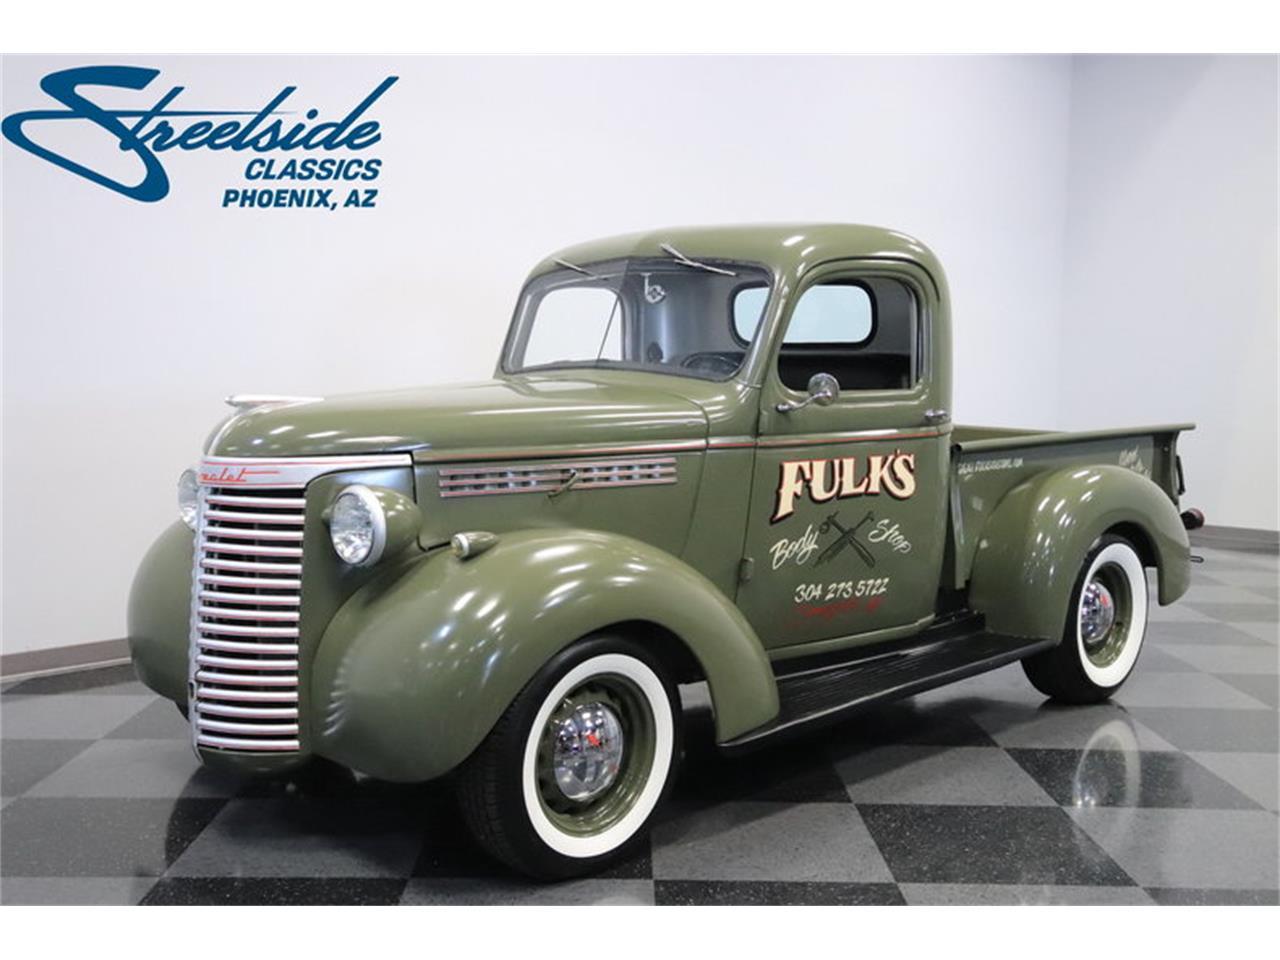 For Sale: 1940 Chevrolet 3/4-Ton Pickup in Mesa, Arizona